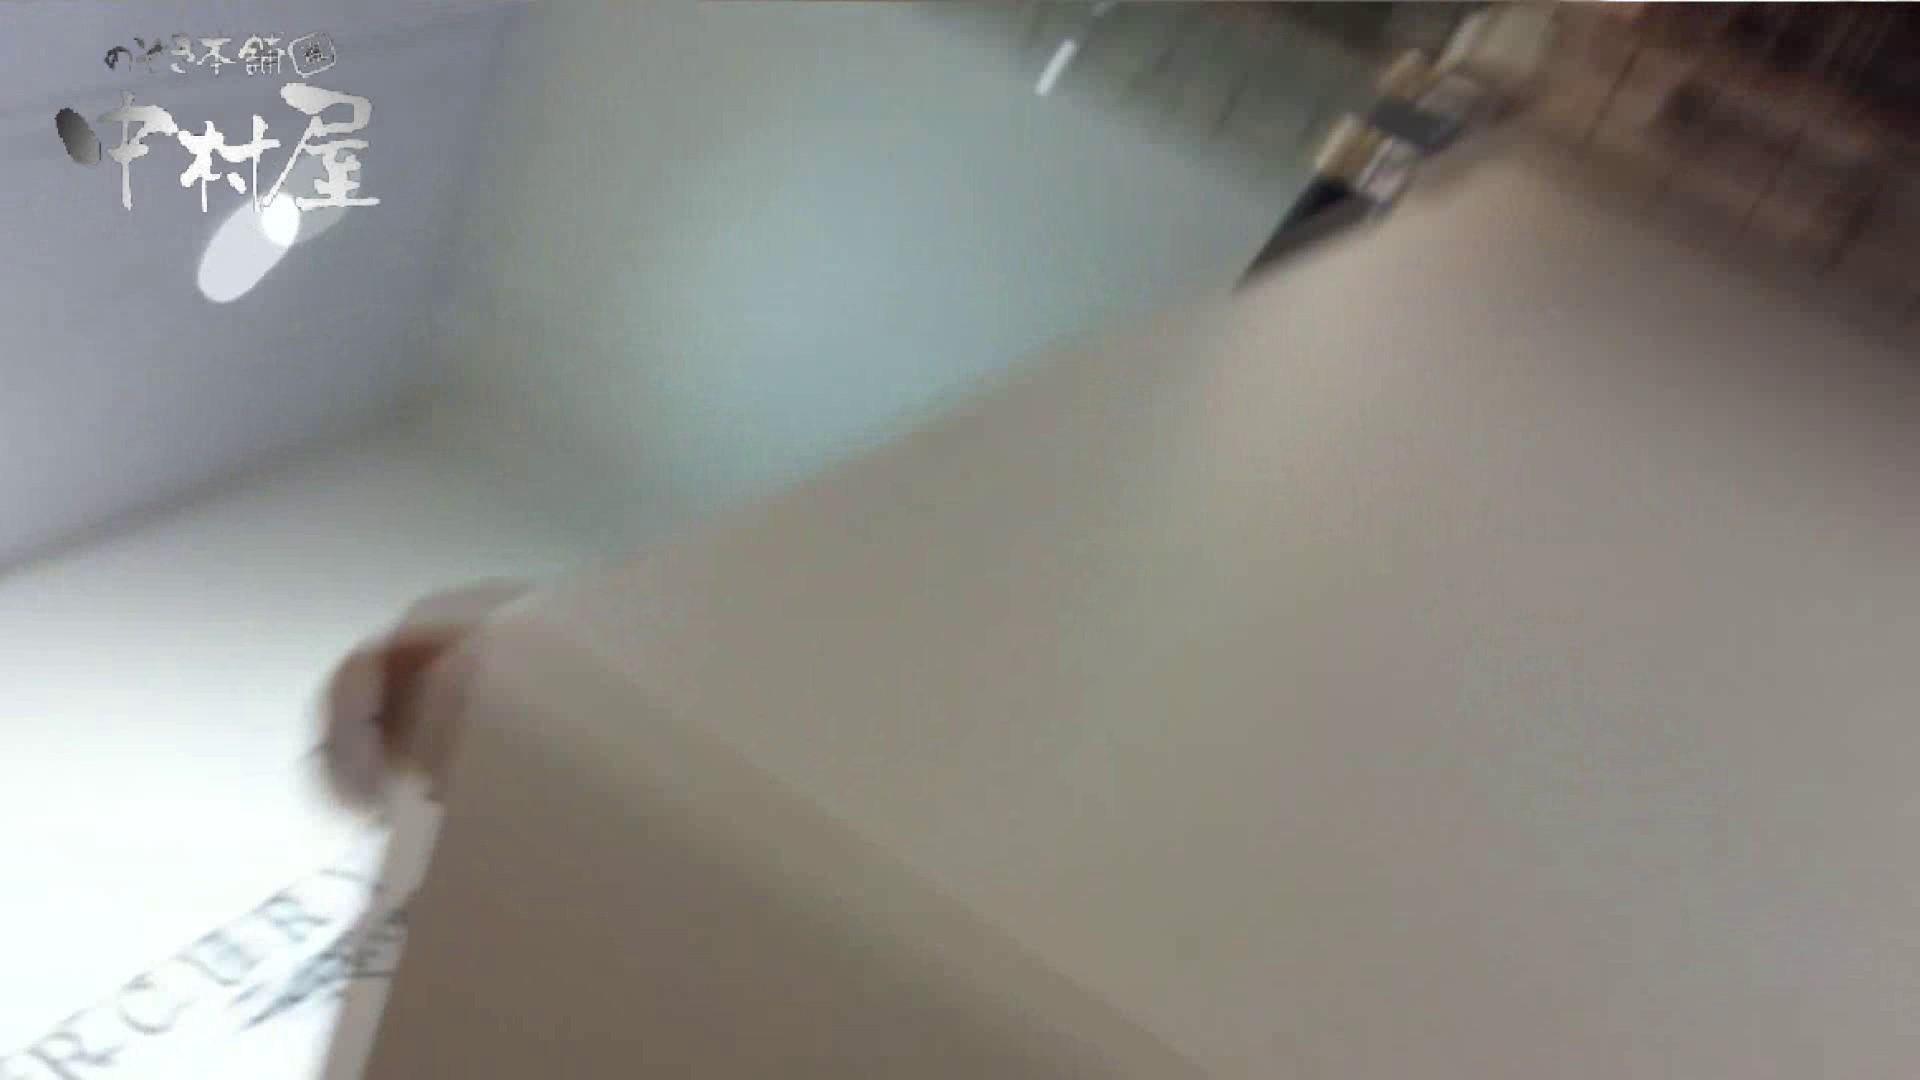 vol.61 美人アパレル胸チラ&パンチラ テカピンクのおパンツさん 胸チラ | パンチラ  107PIX 97